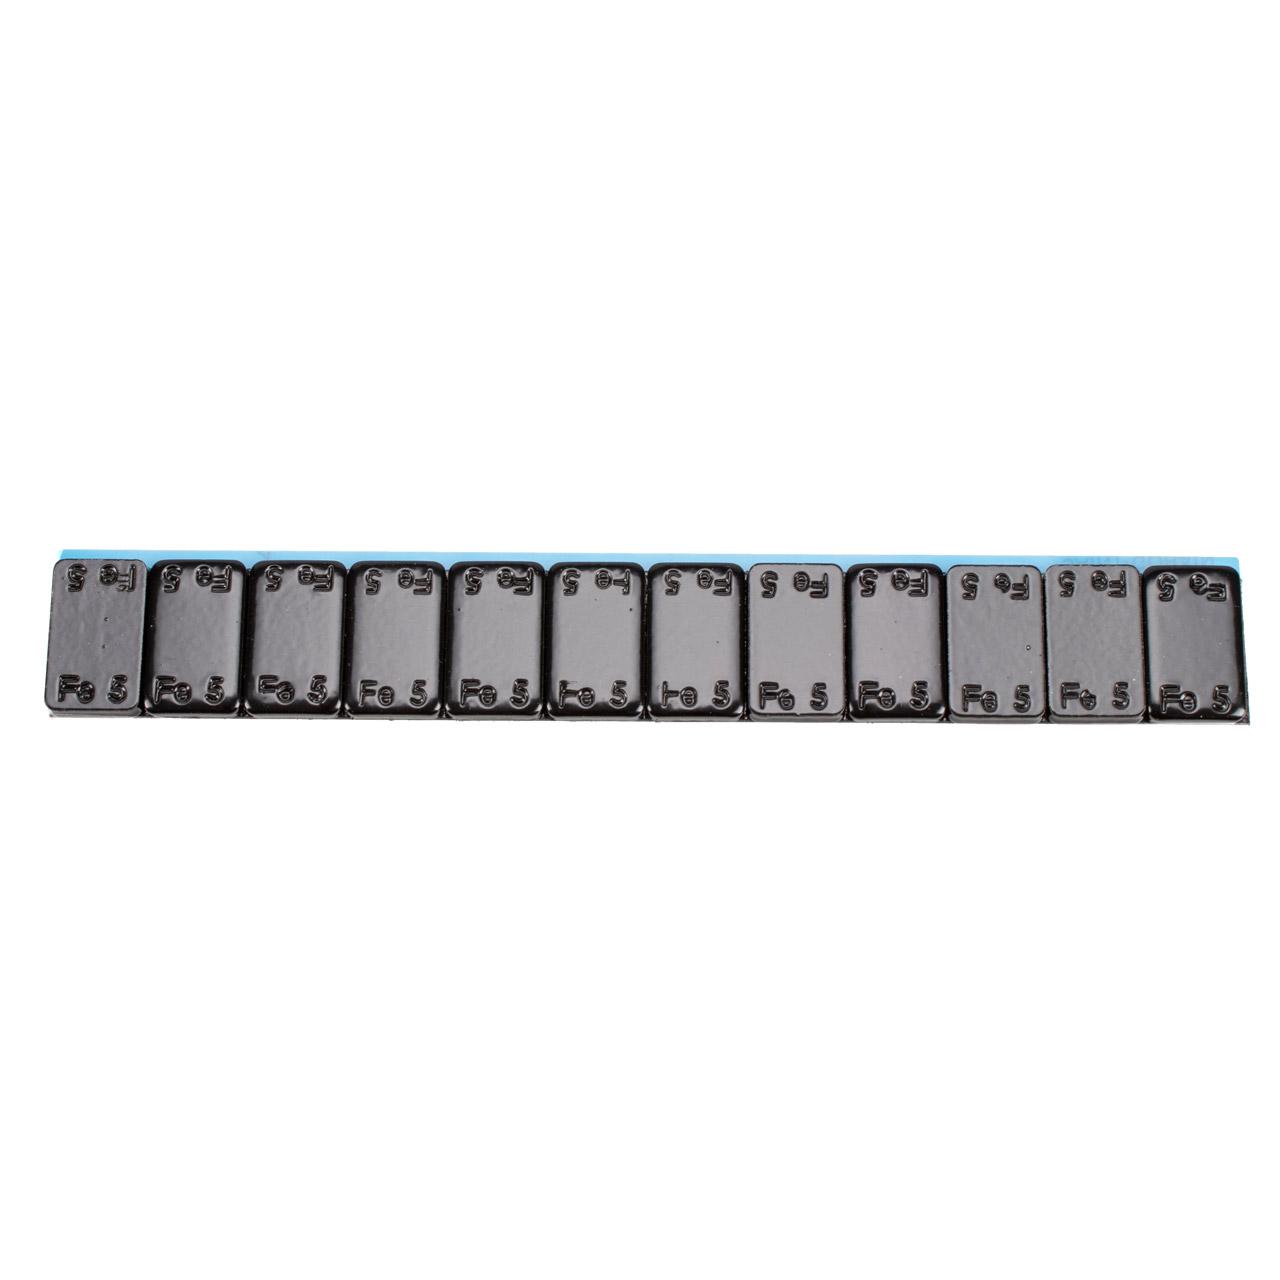 GEMATIC Auswuchtgewicht Klebegewicht Kleberiegel SCHWARZ-STAHL 100 Stück 12x5g